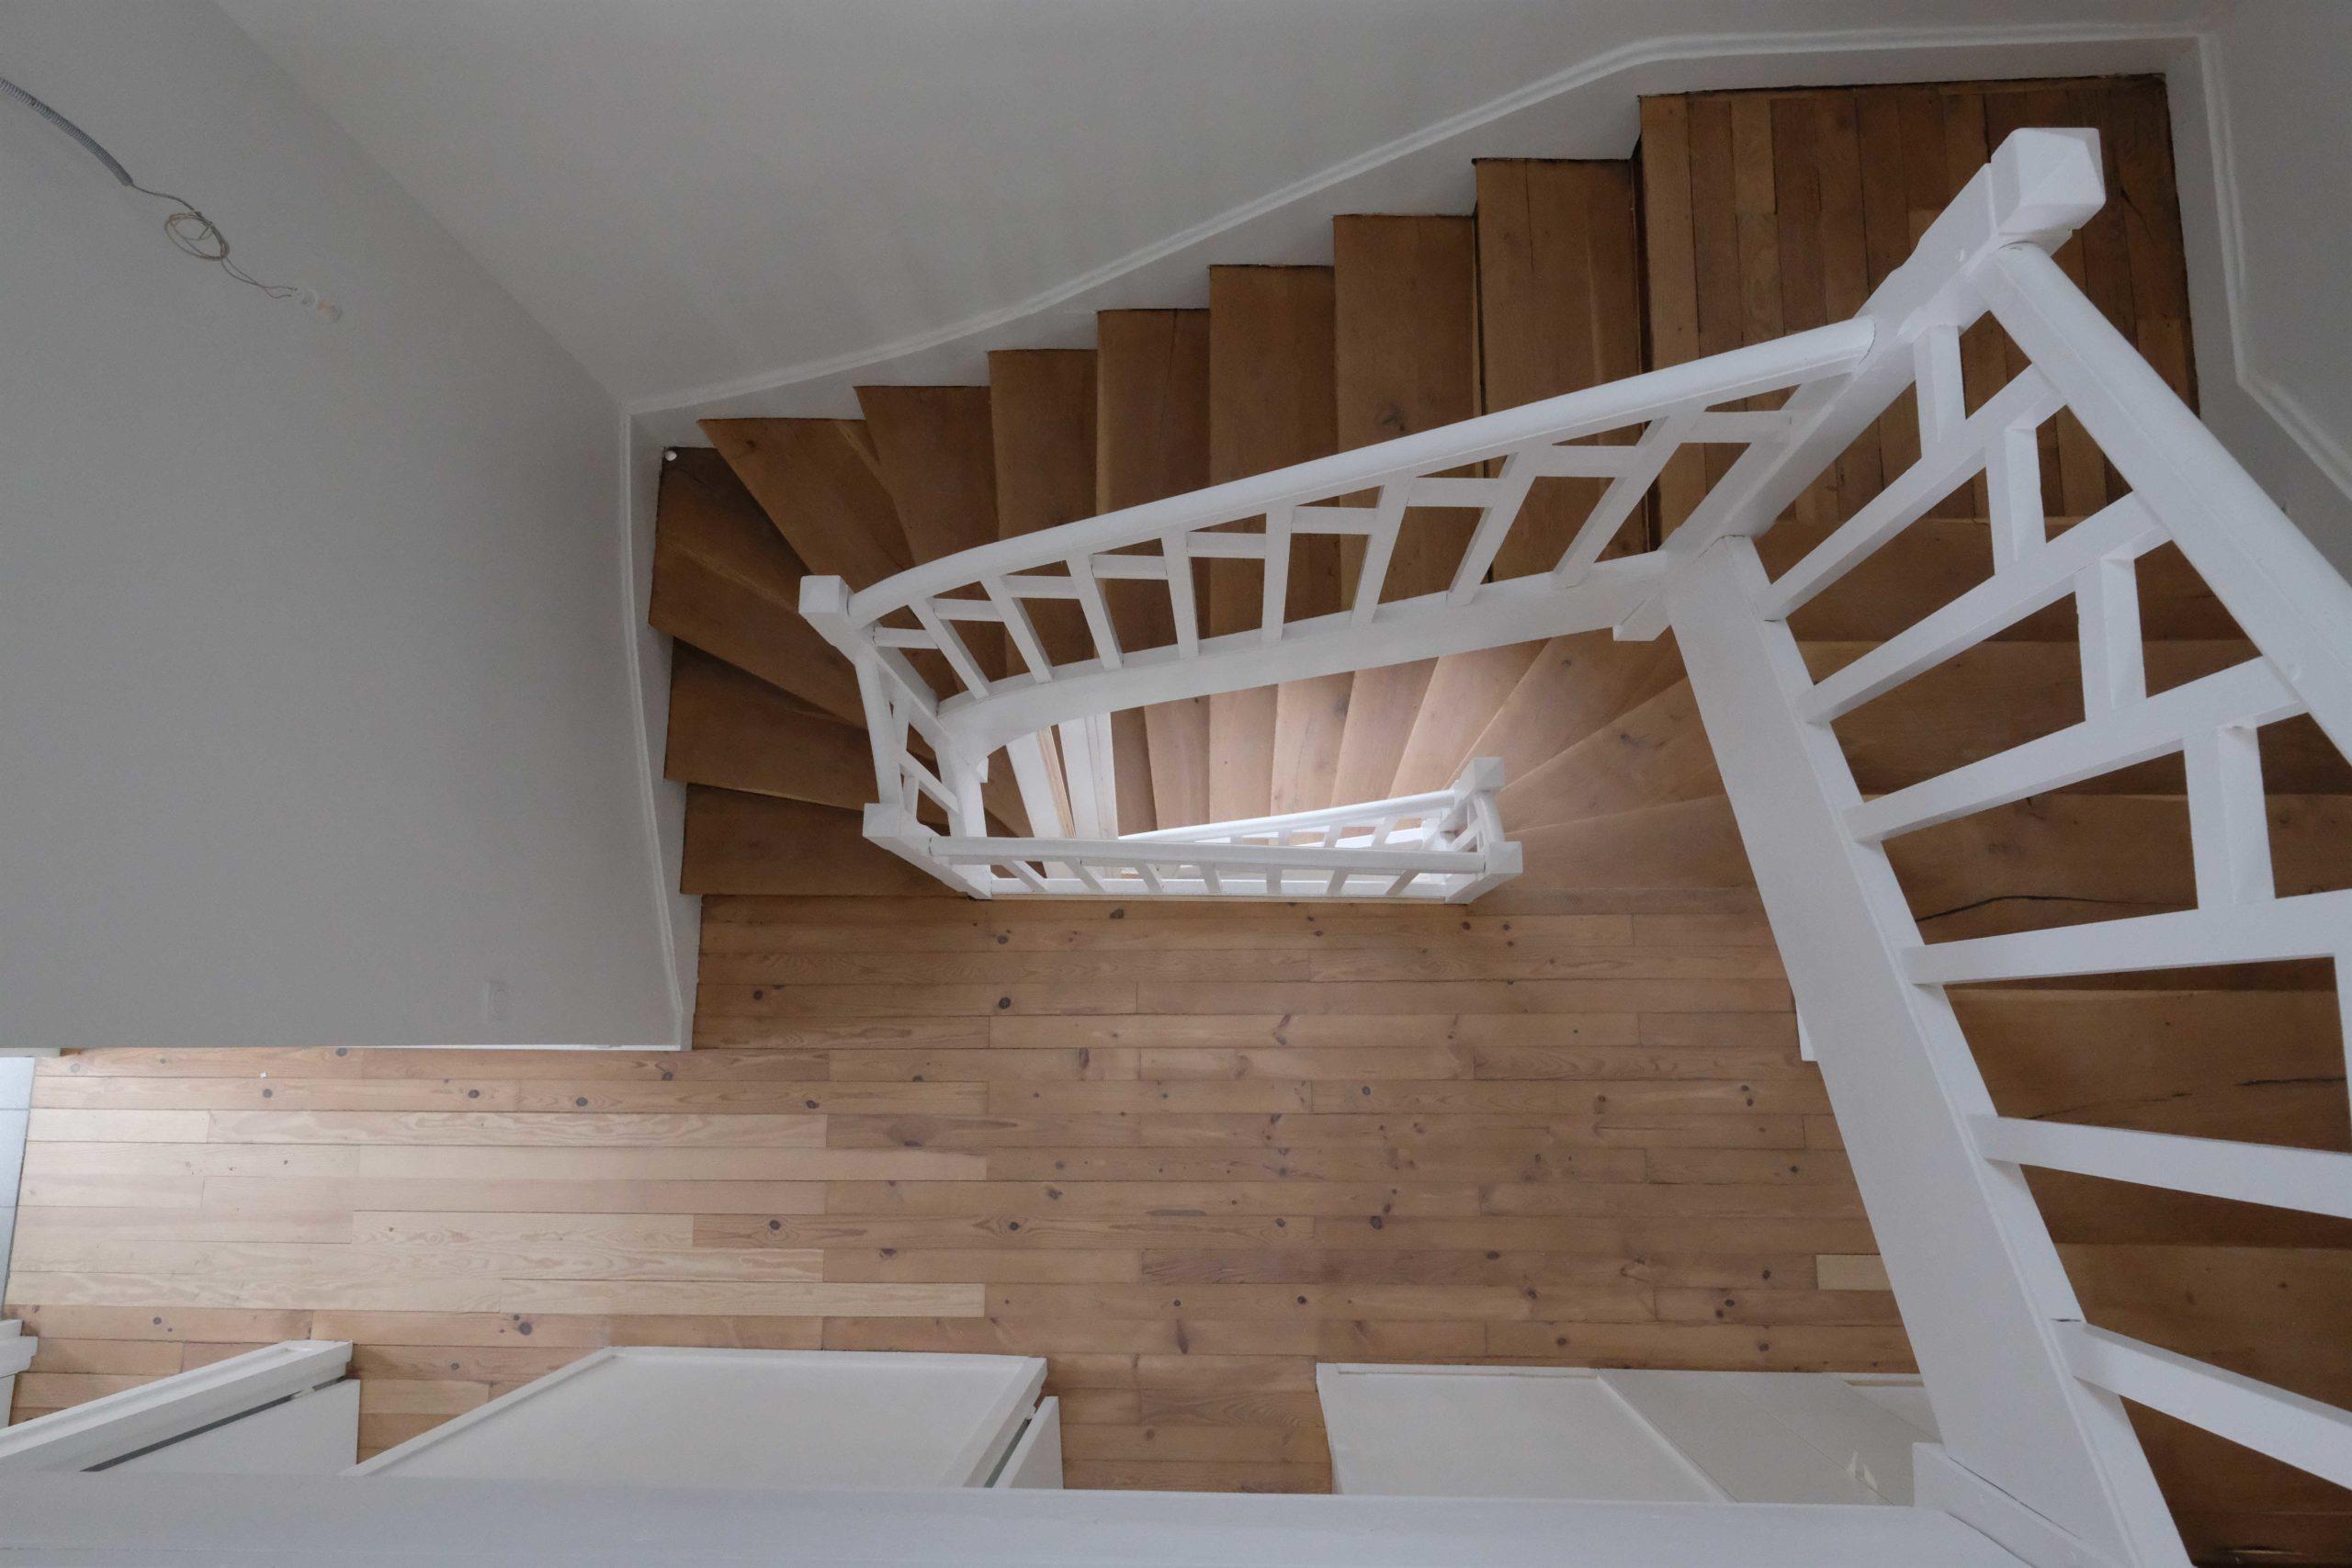 commune - atelier d'architecture - panorama - réhabilitation - Marine Favennec - Antoine Begel